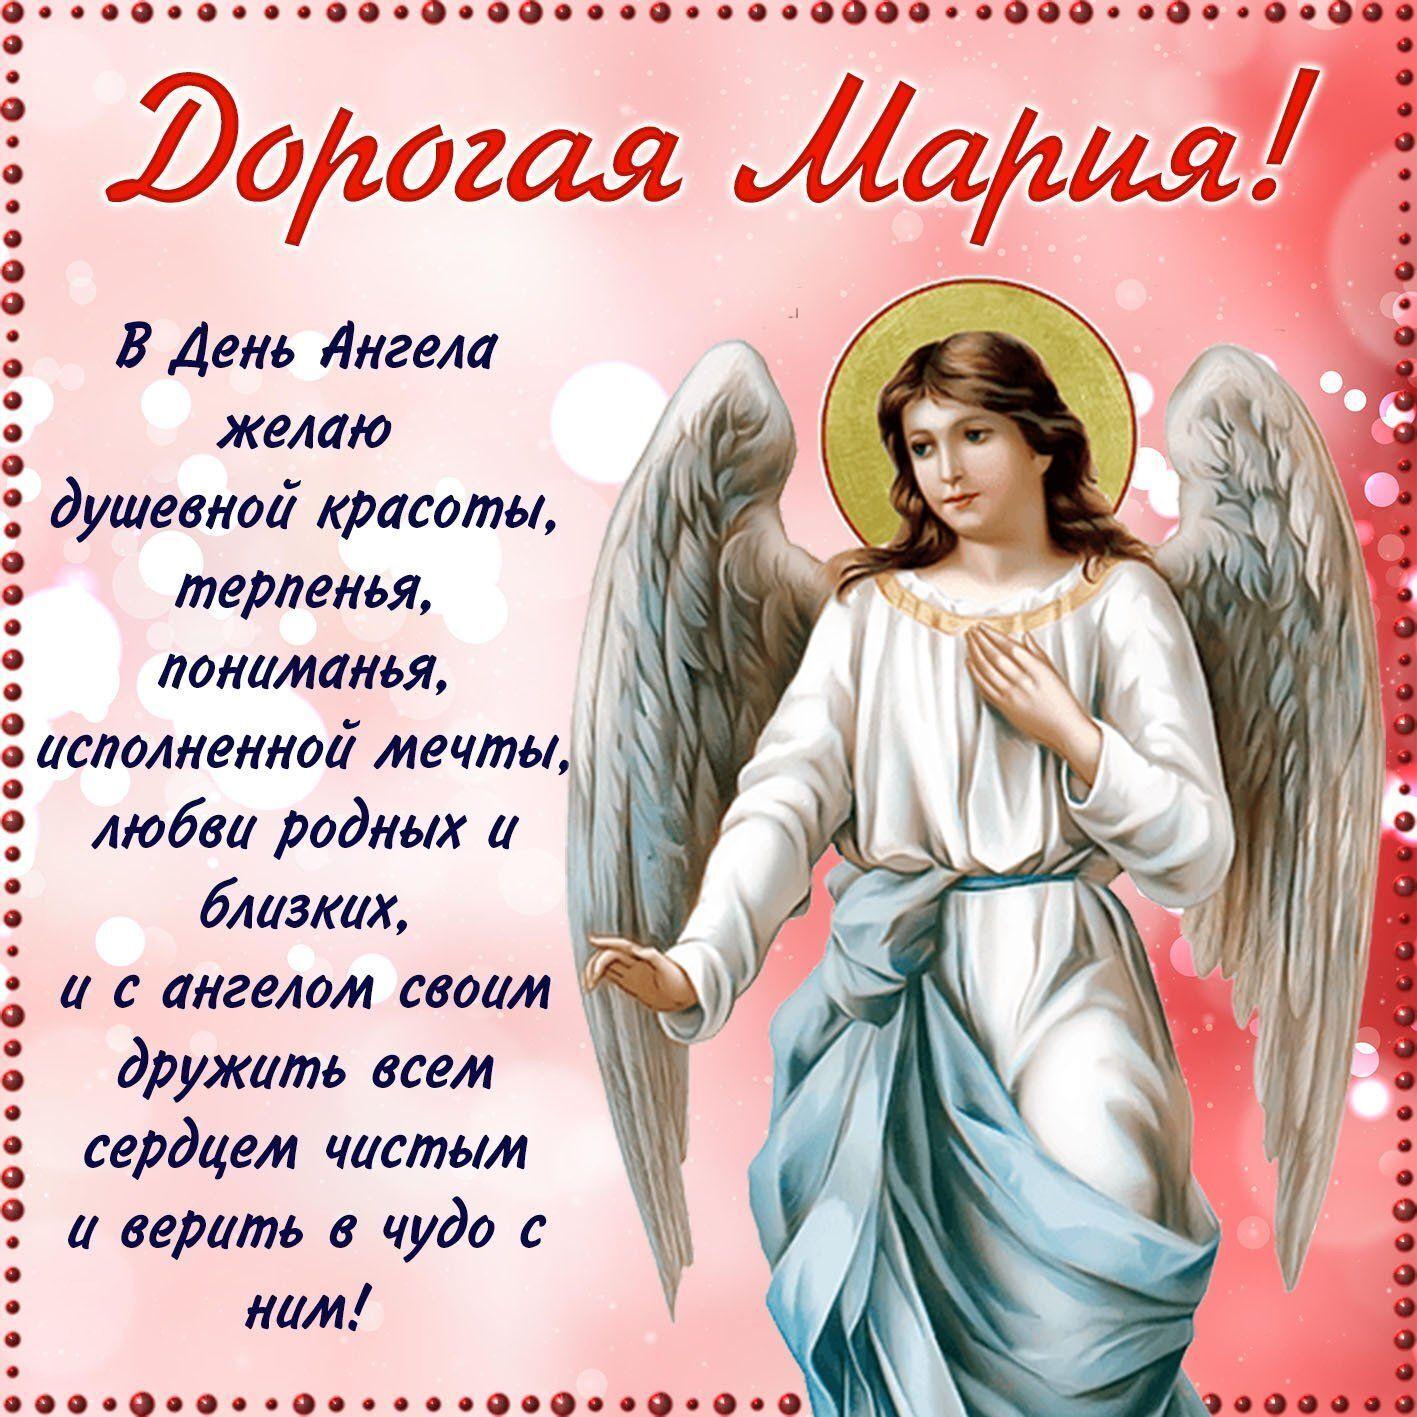 Открытка в день ангела Марии